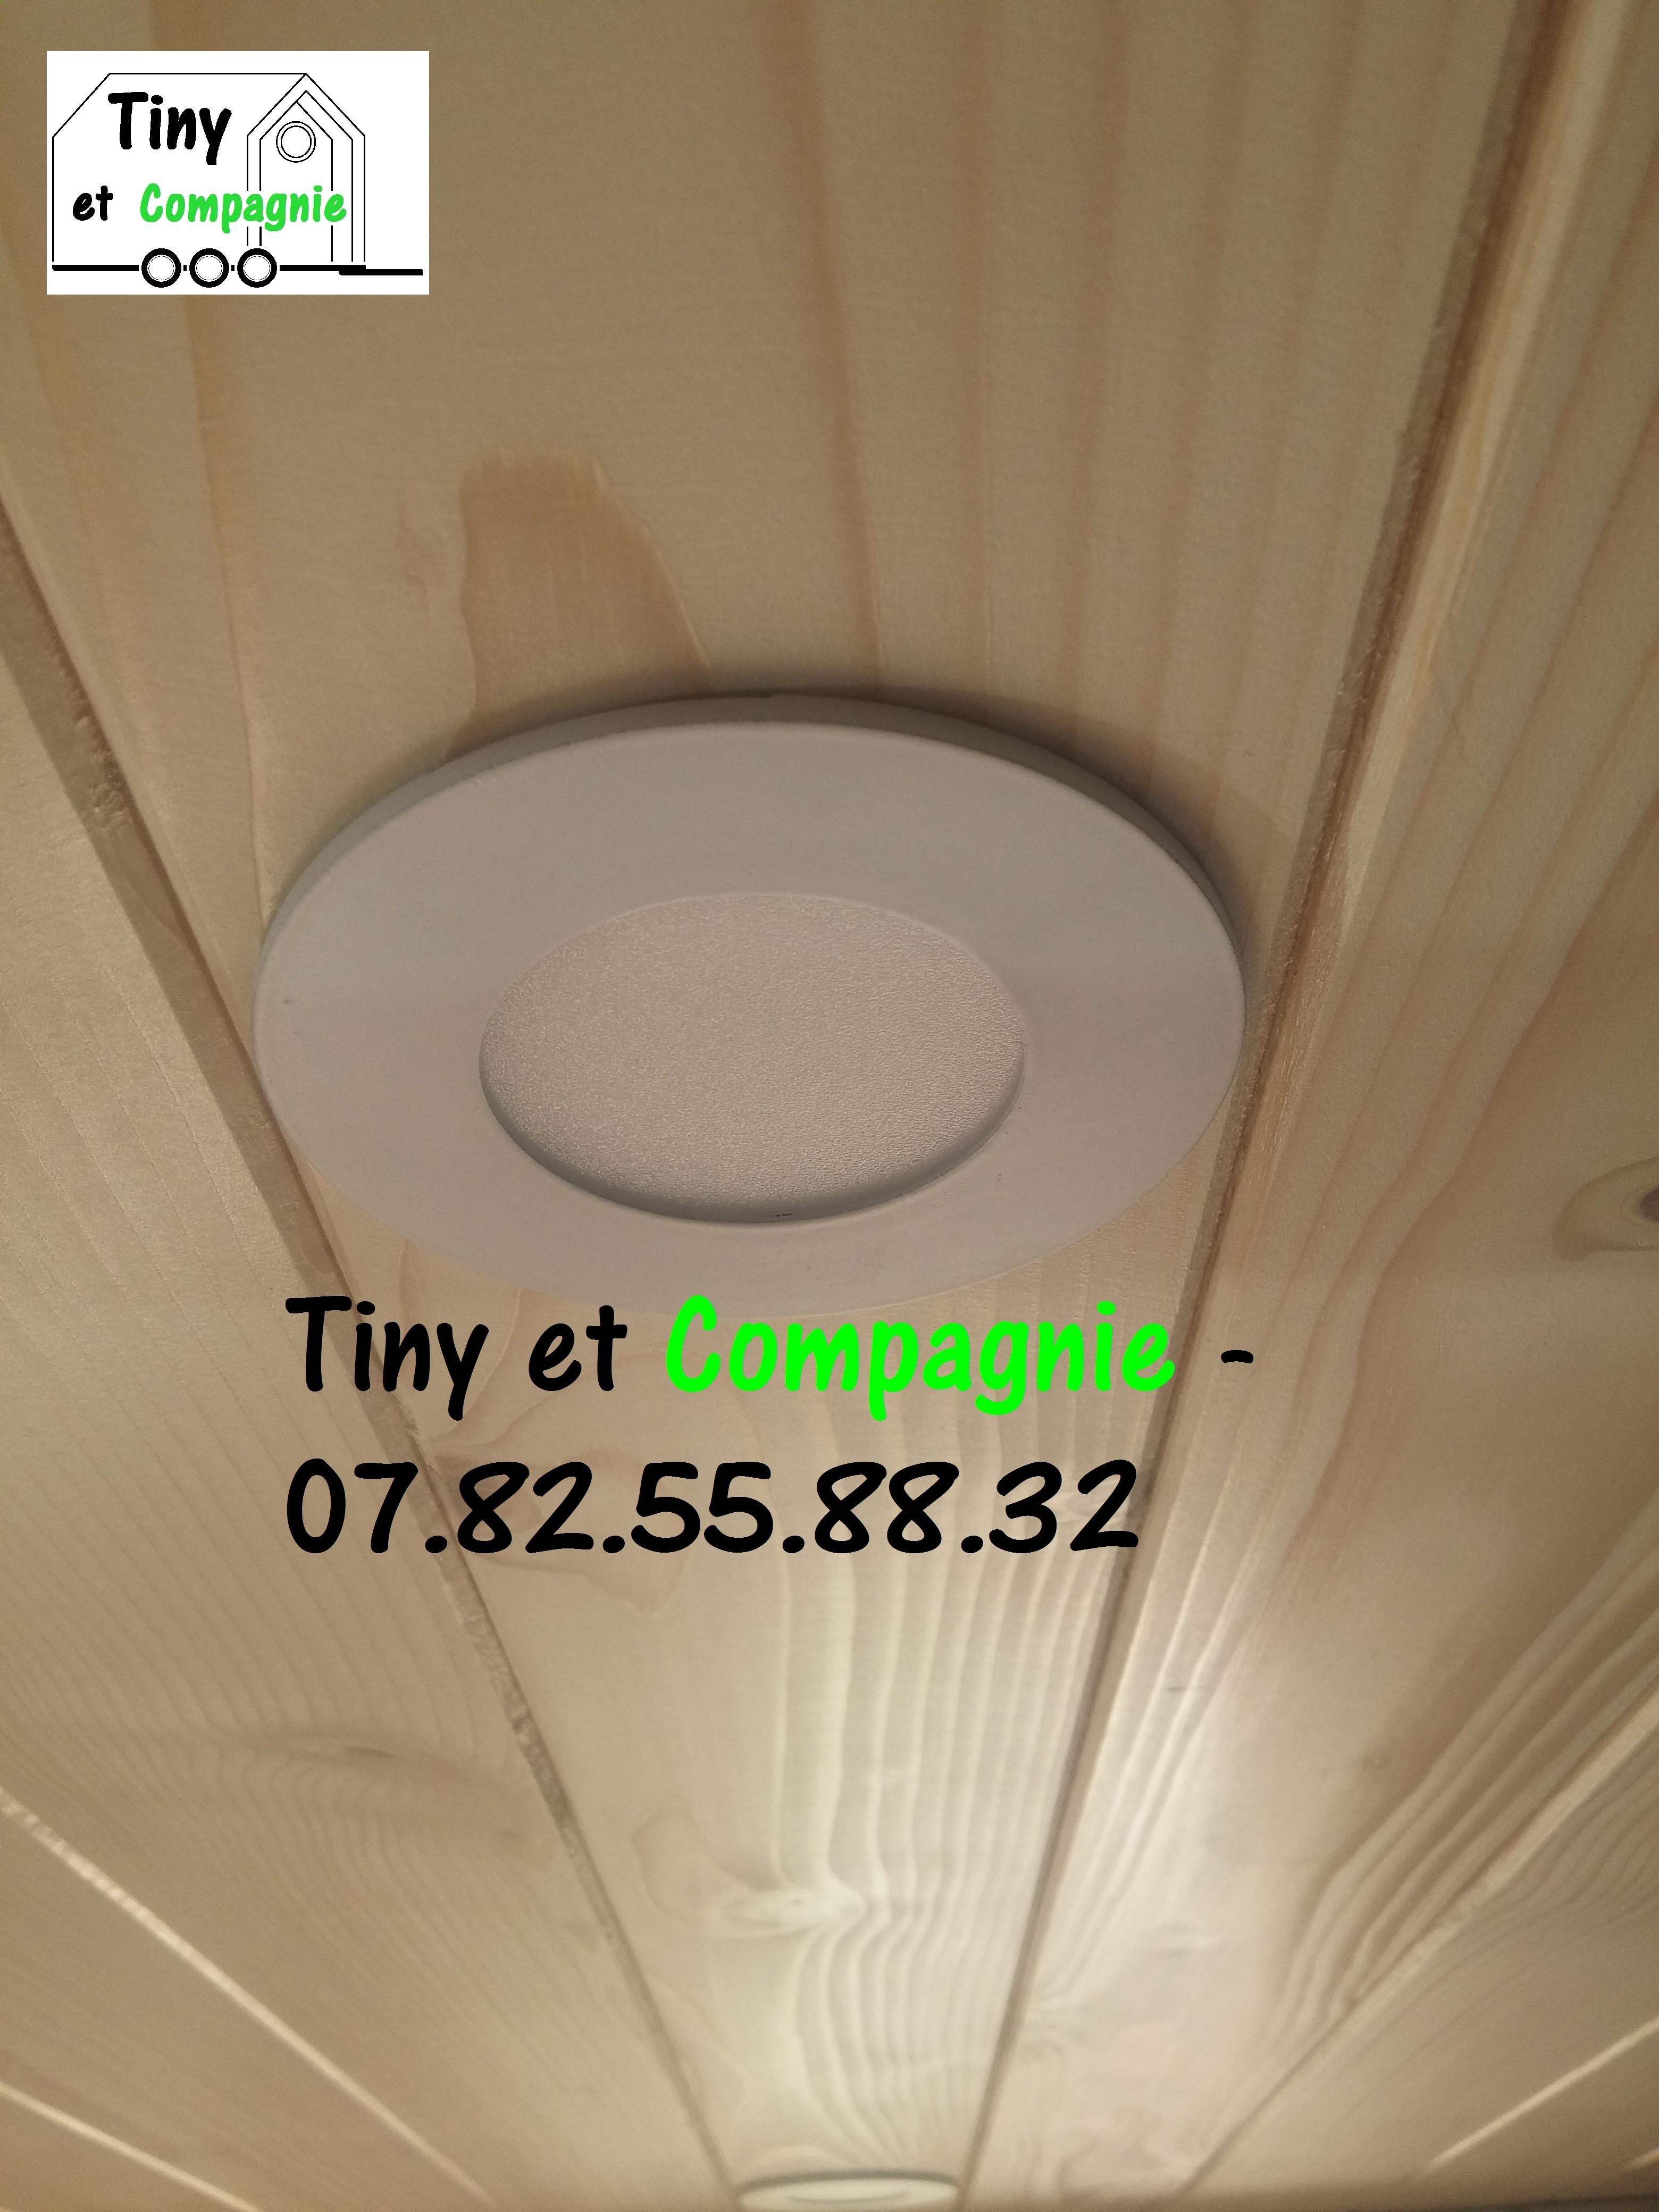 Tiny et Compagnie - Colibri 2019 (Spot C